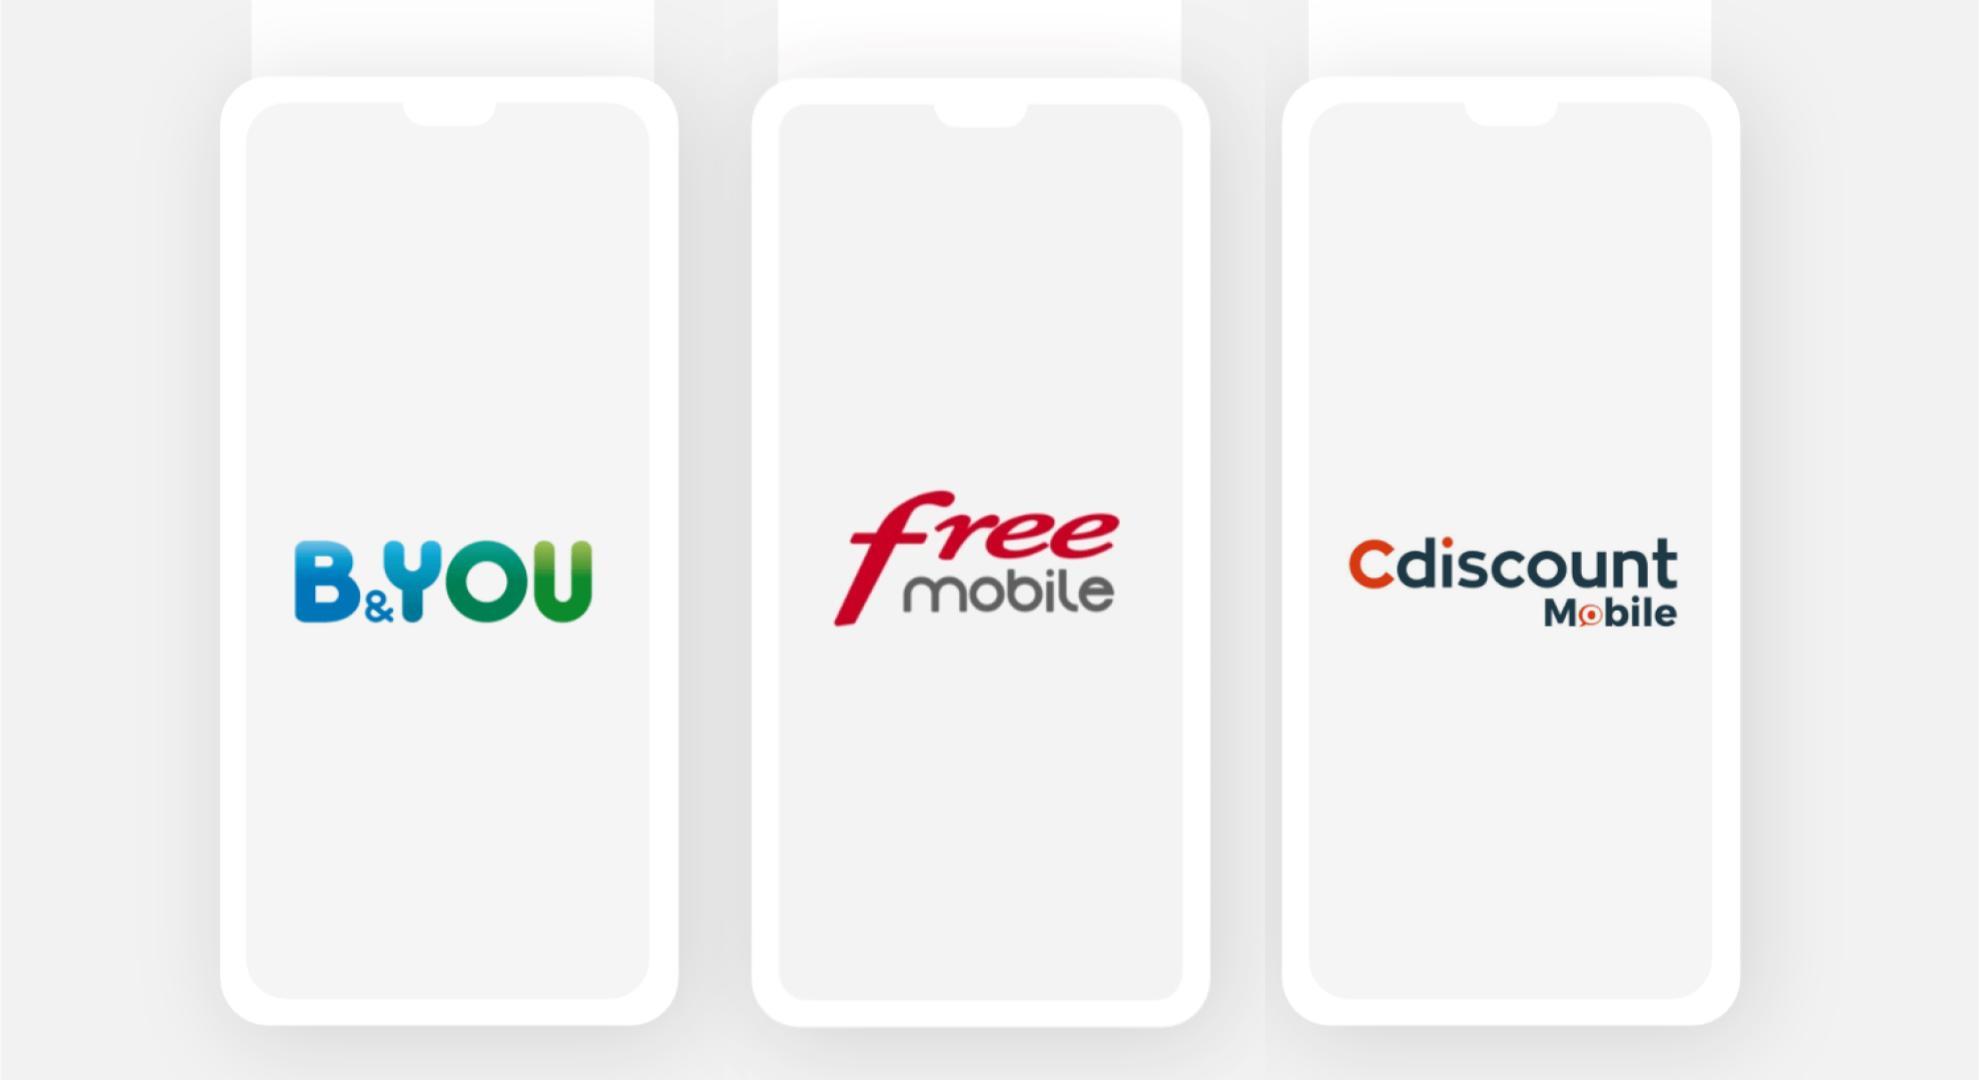 🔥 Forfait mobile : derniers jours pour les offres Free, Bouygues et Cdiscount mobile en série limitée